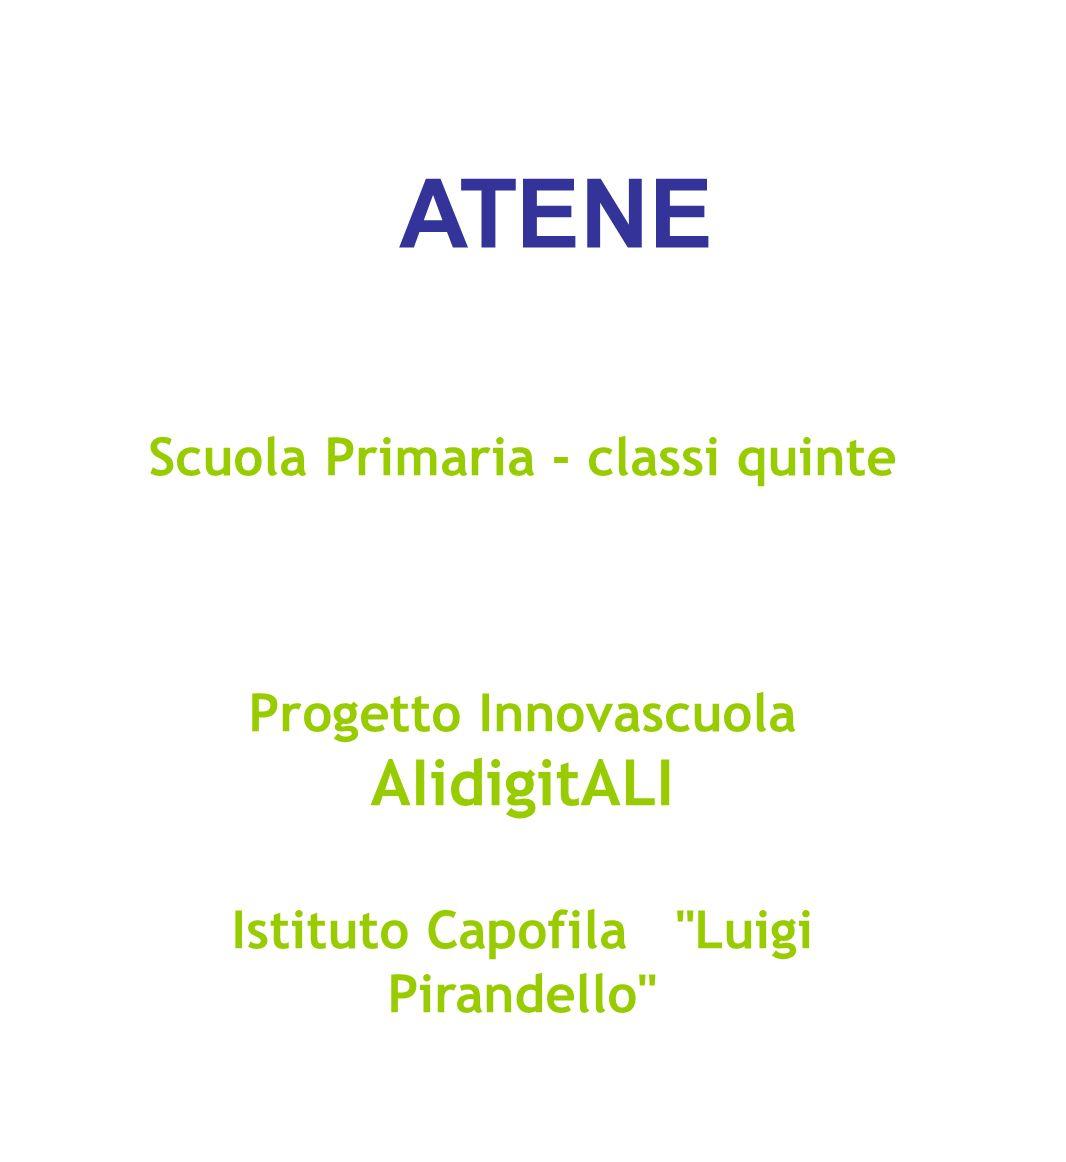 ATENE AIidigitALI Scuola Primaria - classi quinte